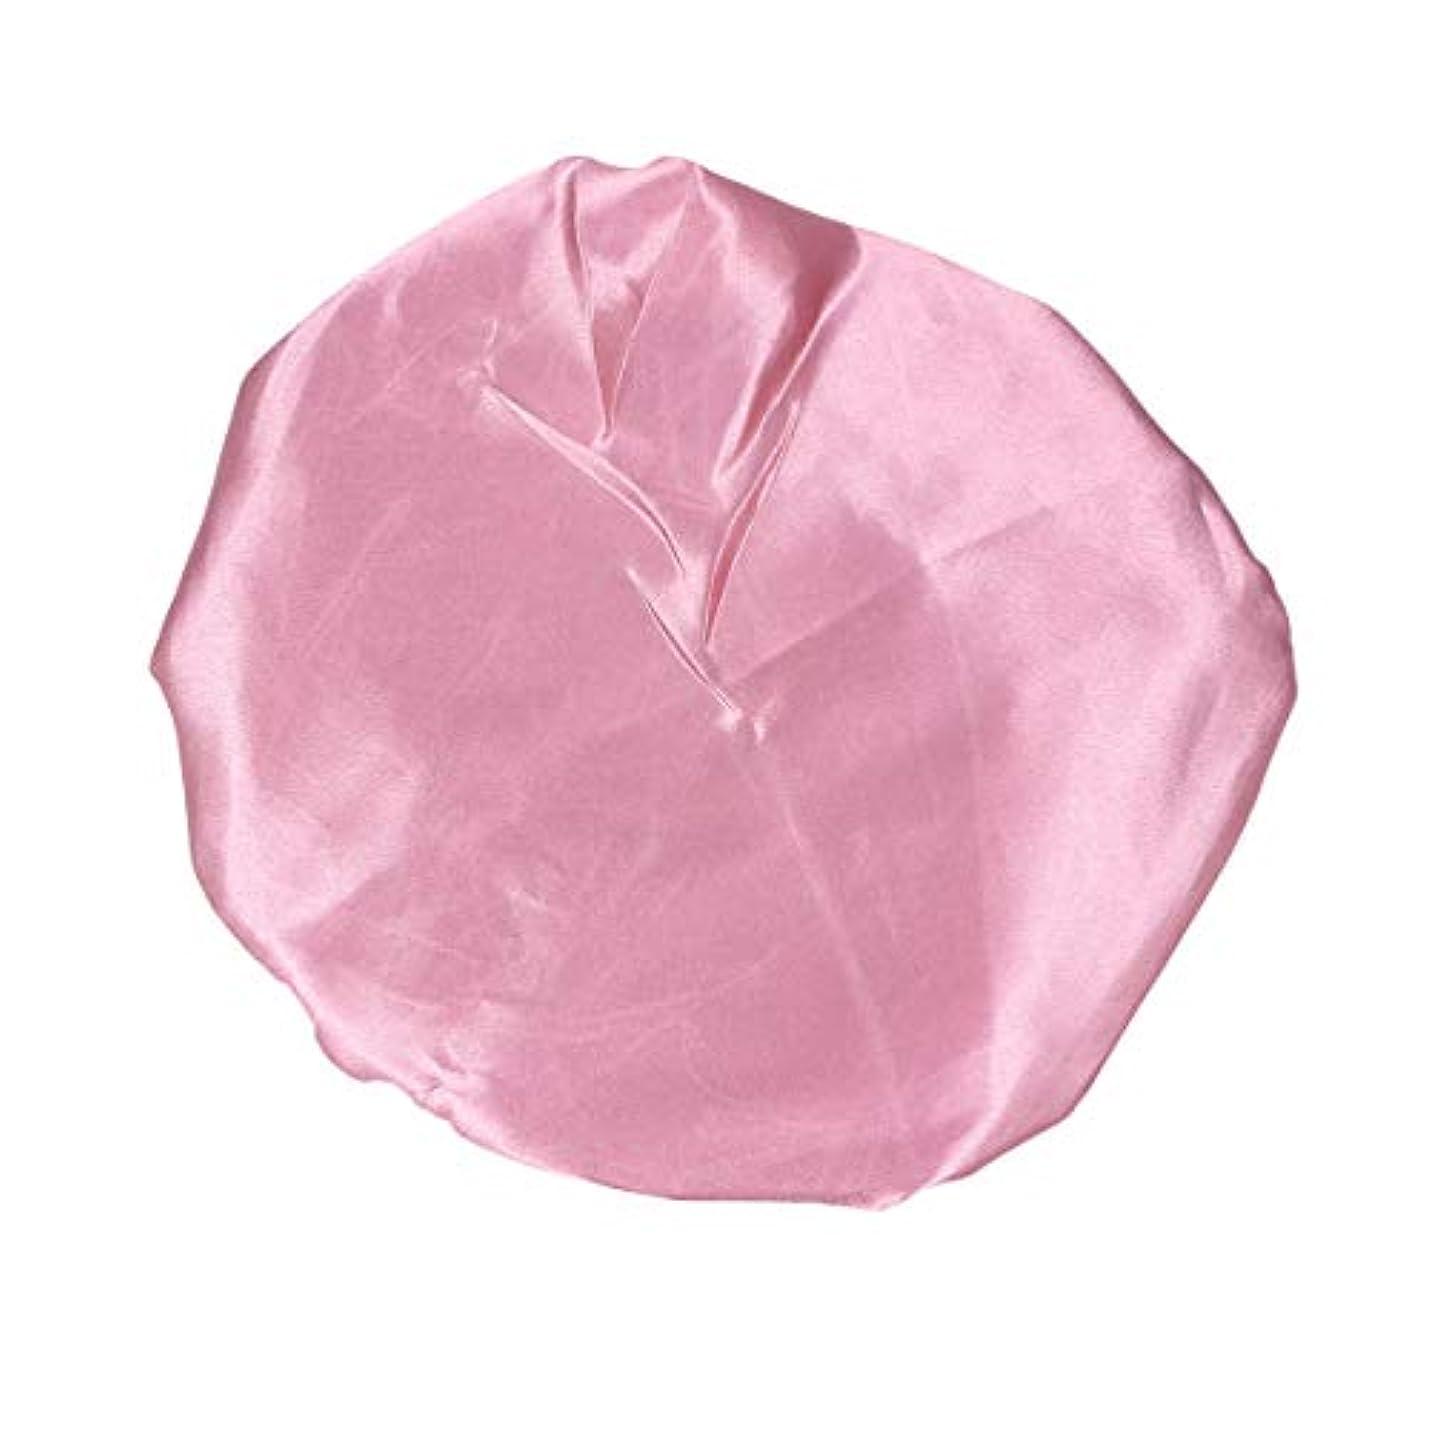 願う難民円形Amosfun ピンクの女性のための防水弾性シャワーキャップ厚くされた二重層バス帽子